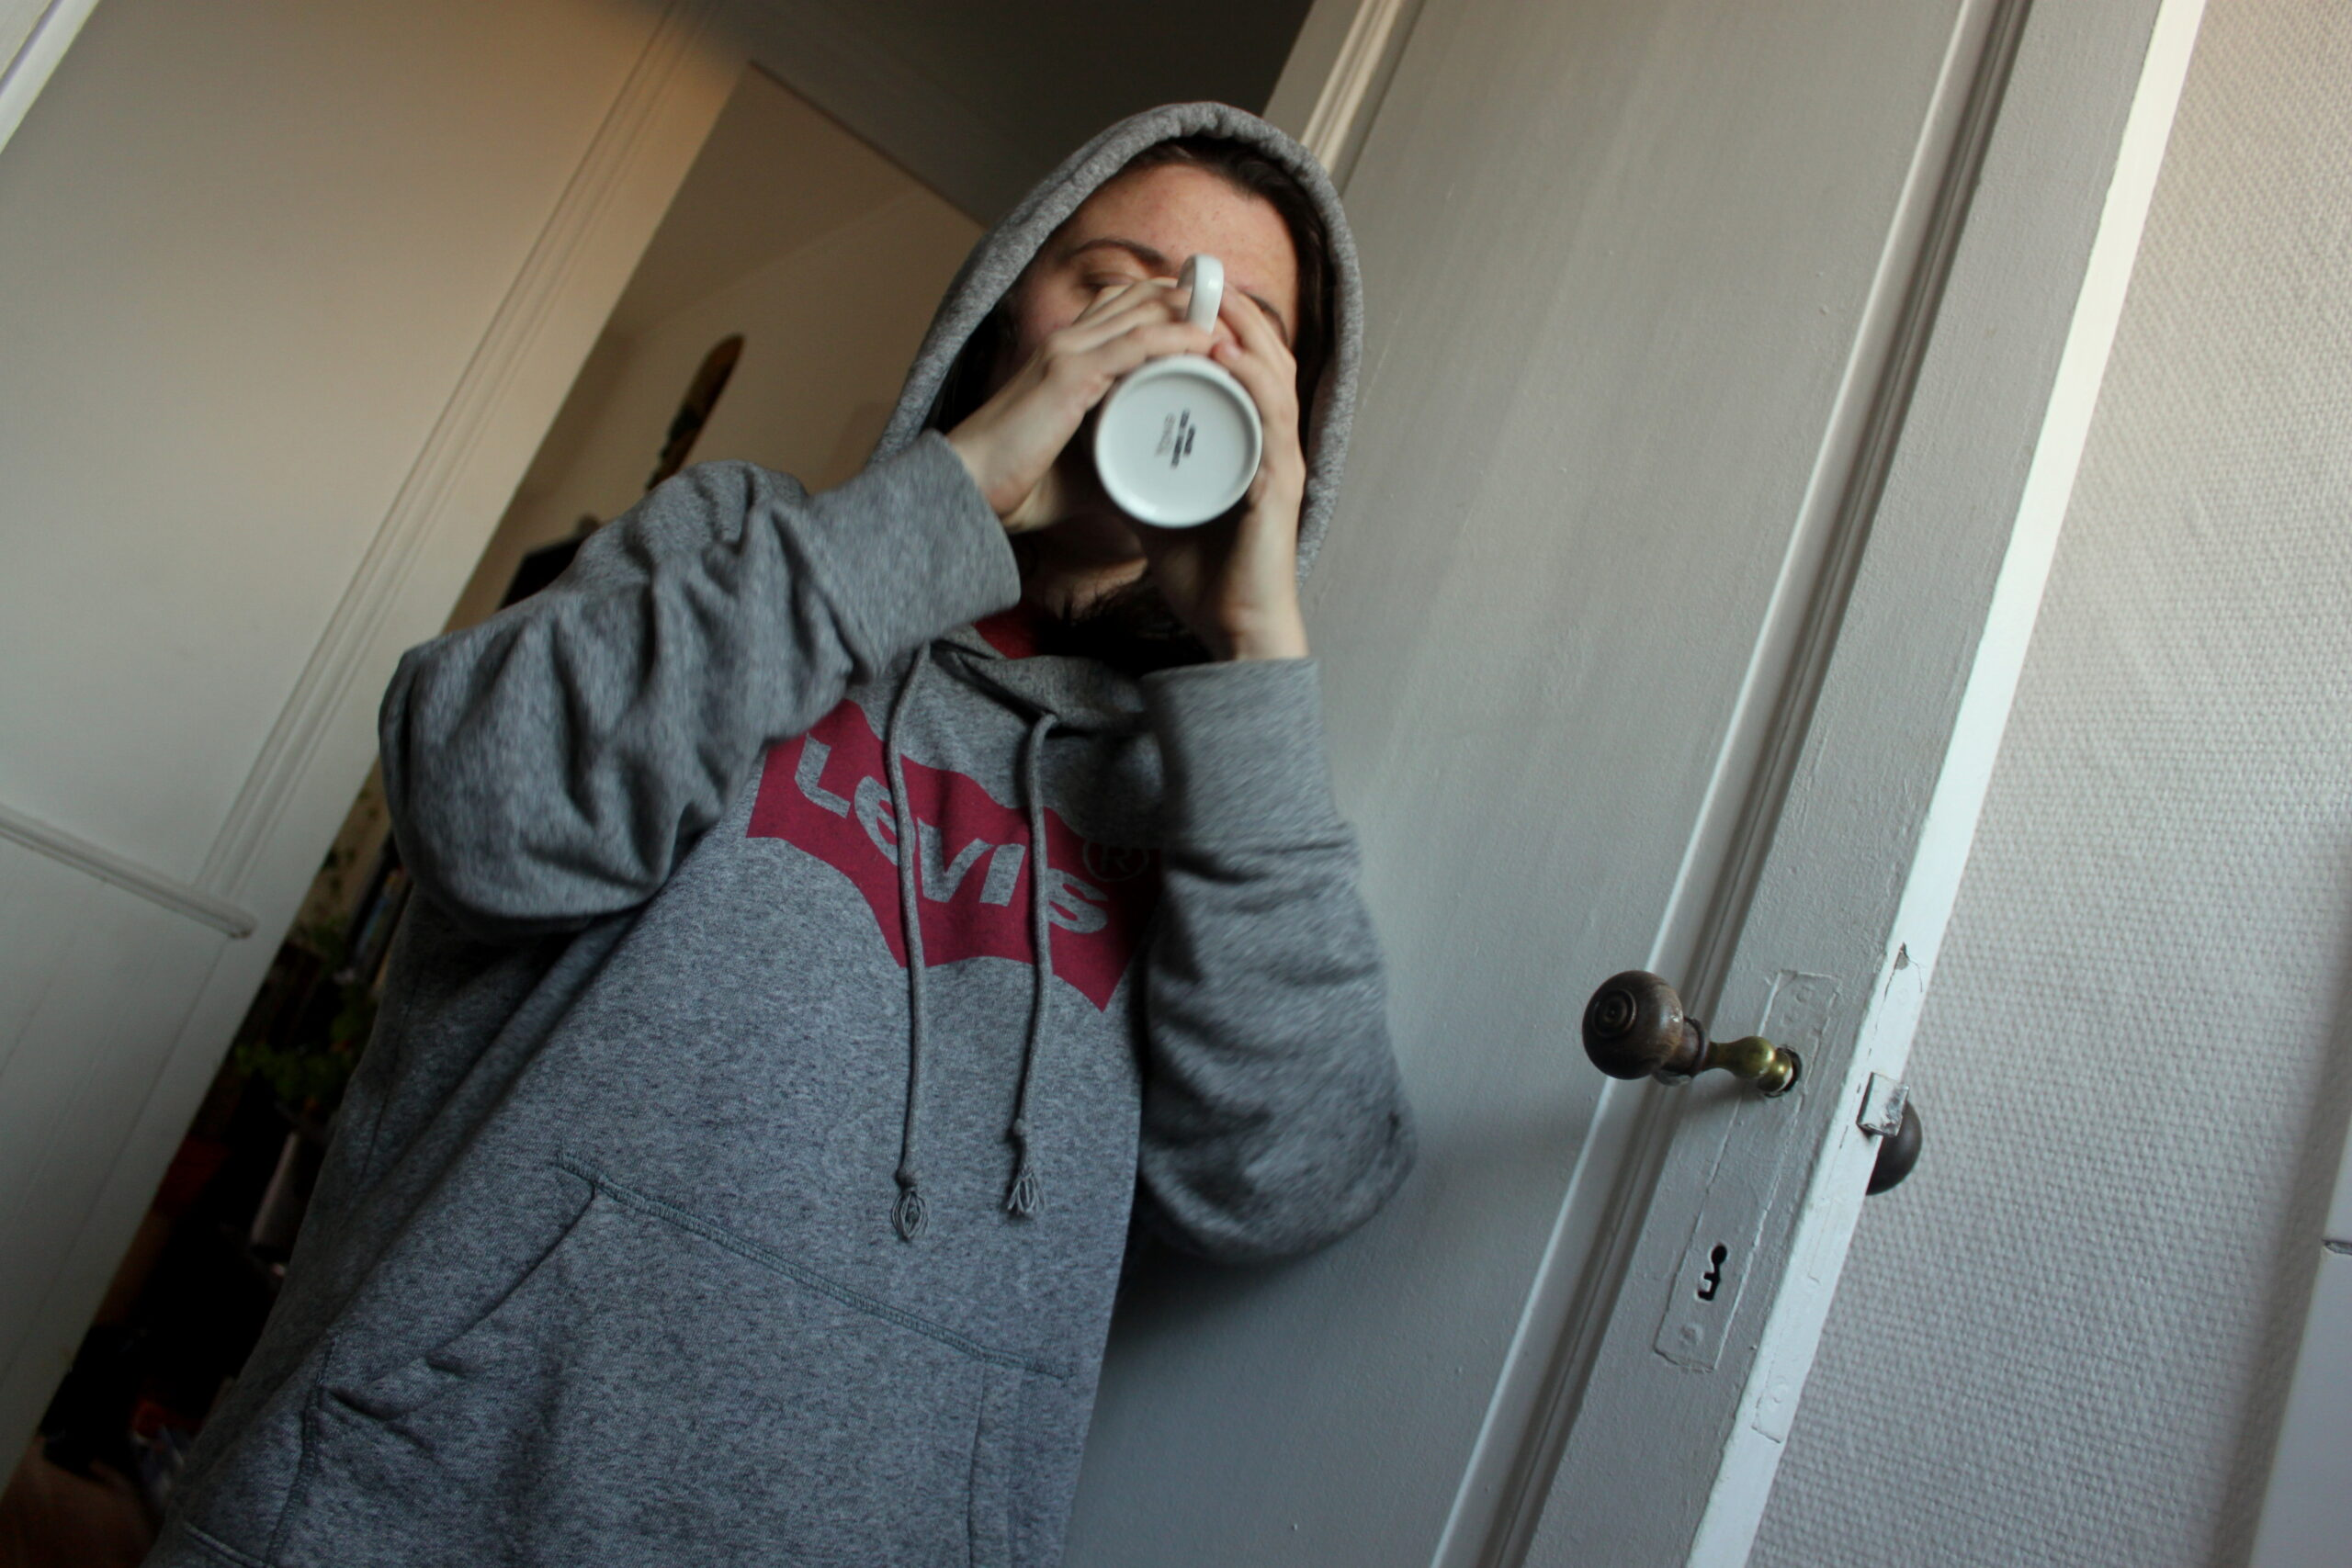 Nina boit un café et porte un pull. Elle est dans sa cuisine, à côté d'une porte.